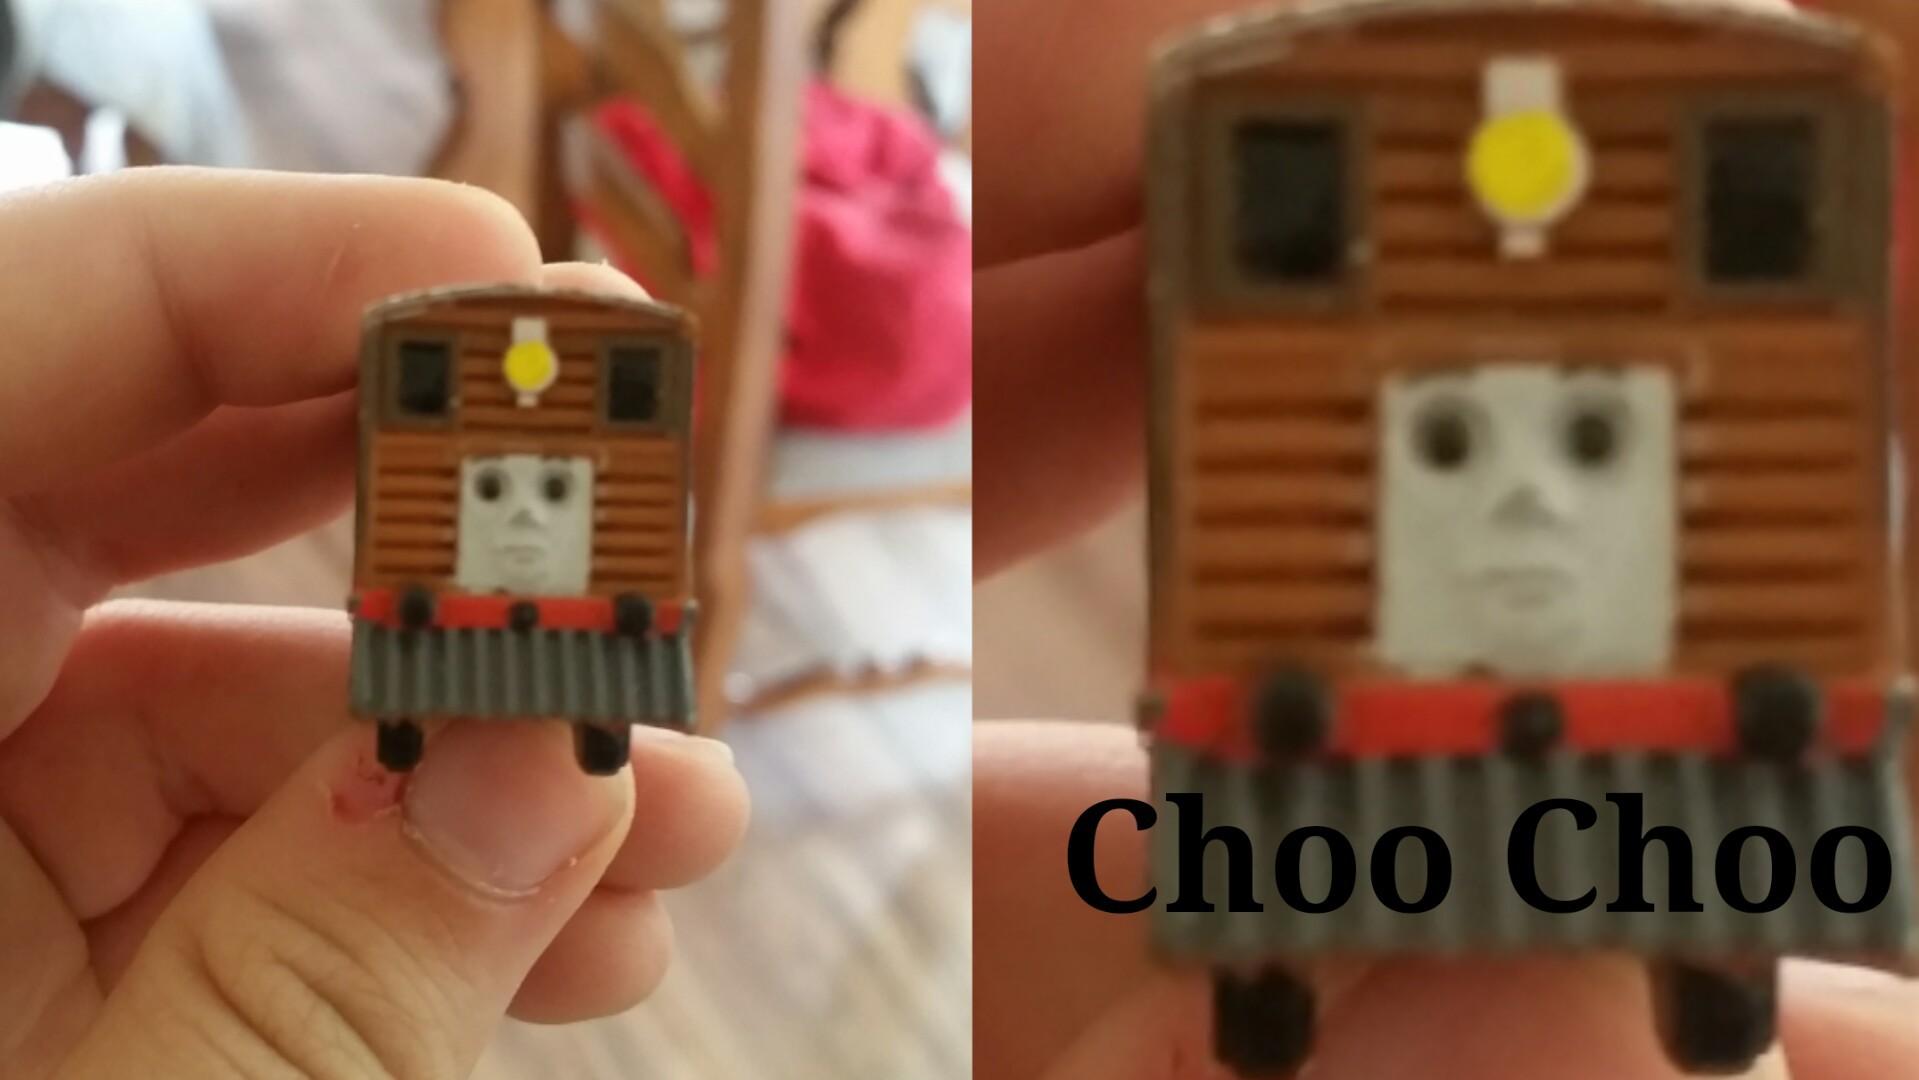 Choo Choo - meme